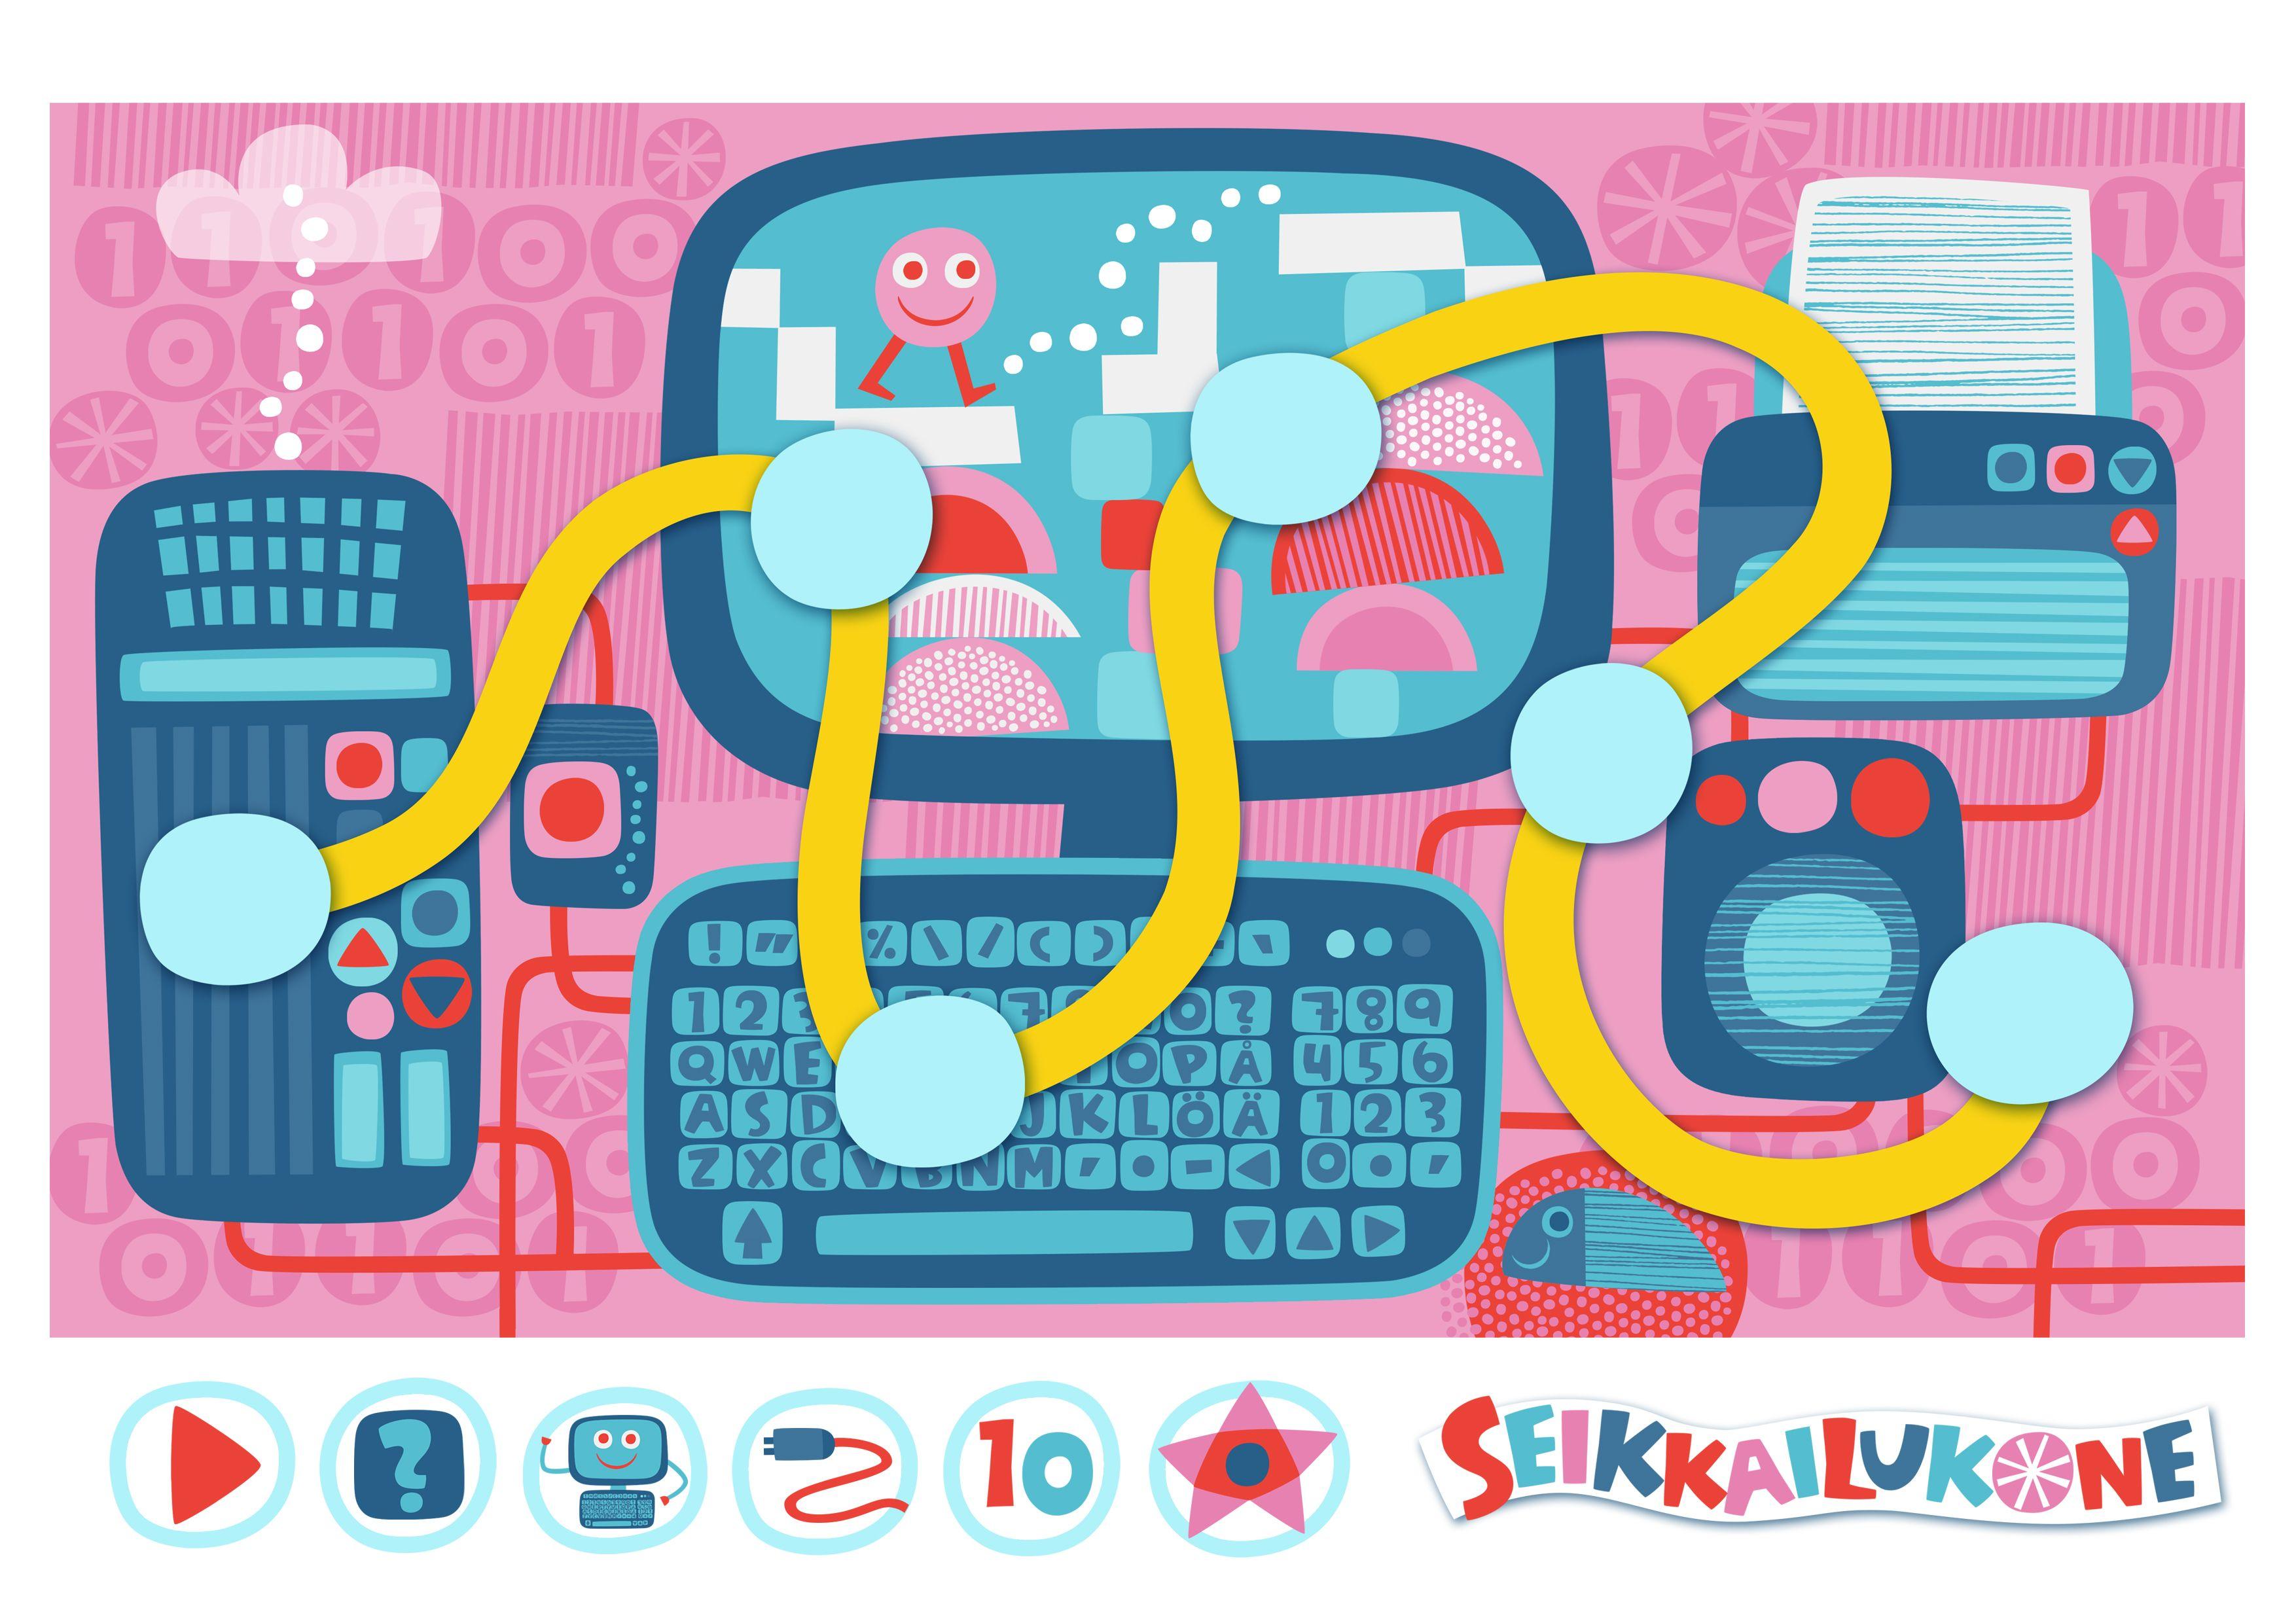 Seikkailukone | tulostettava | paperi | kartta | peli | tehtävä |  tietokone | lapset | game | map | children | kids | free printable | Pikku Kakkonen